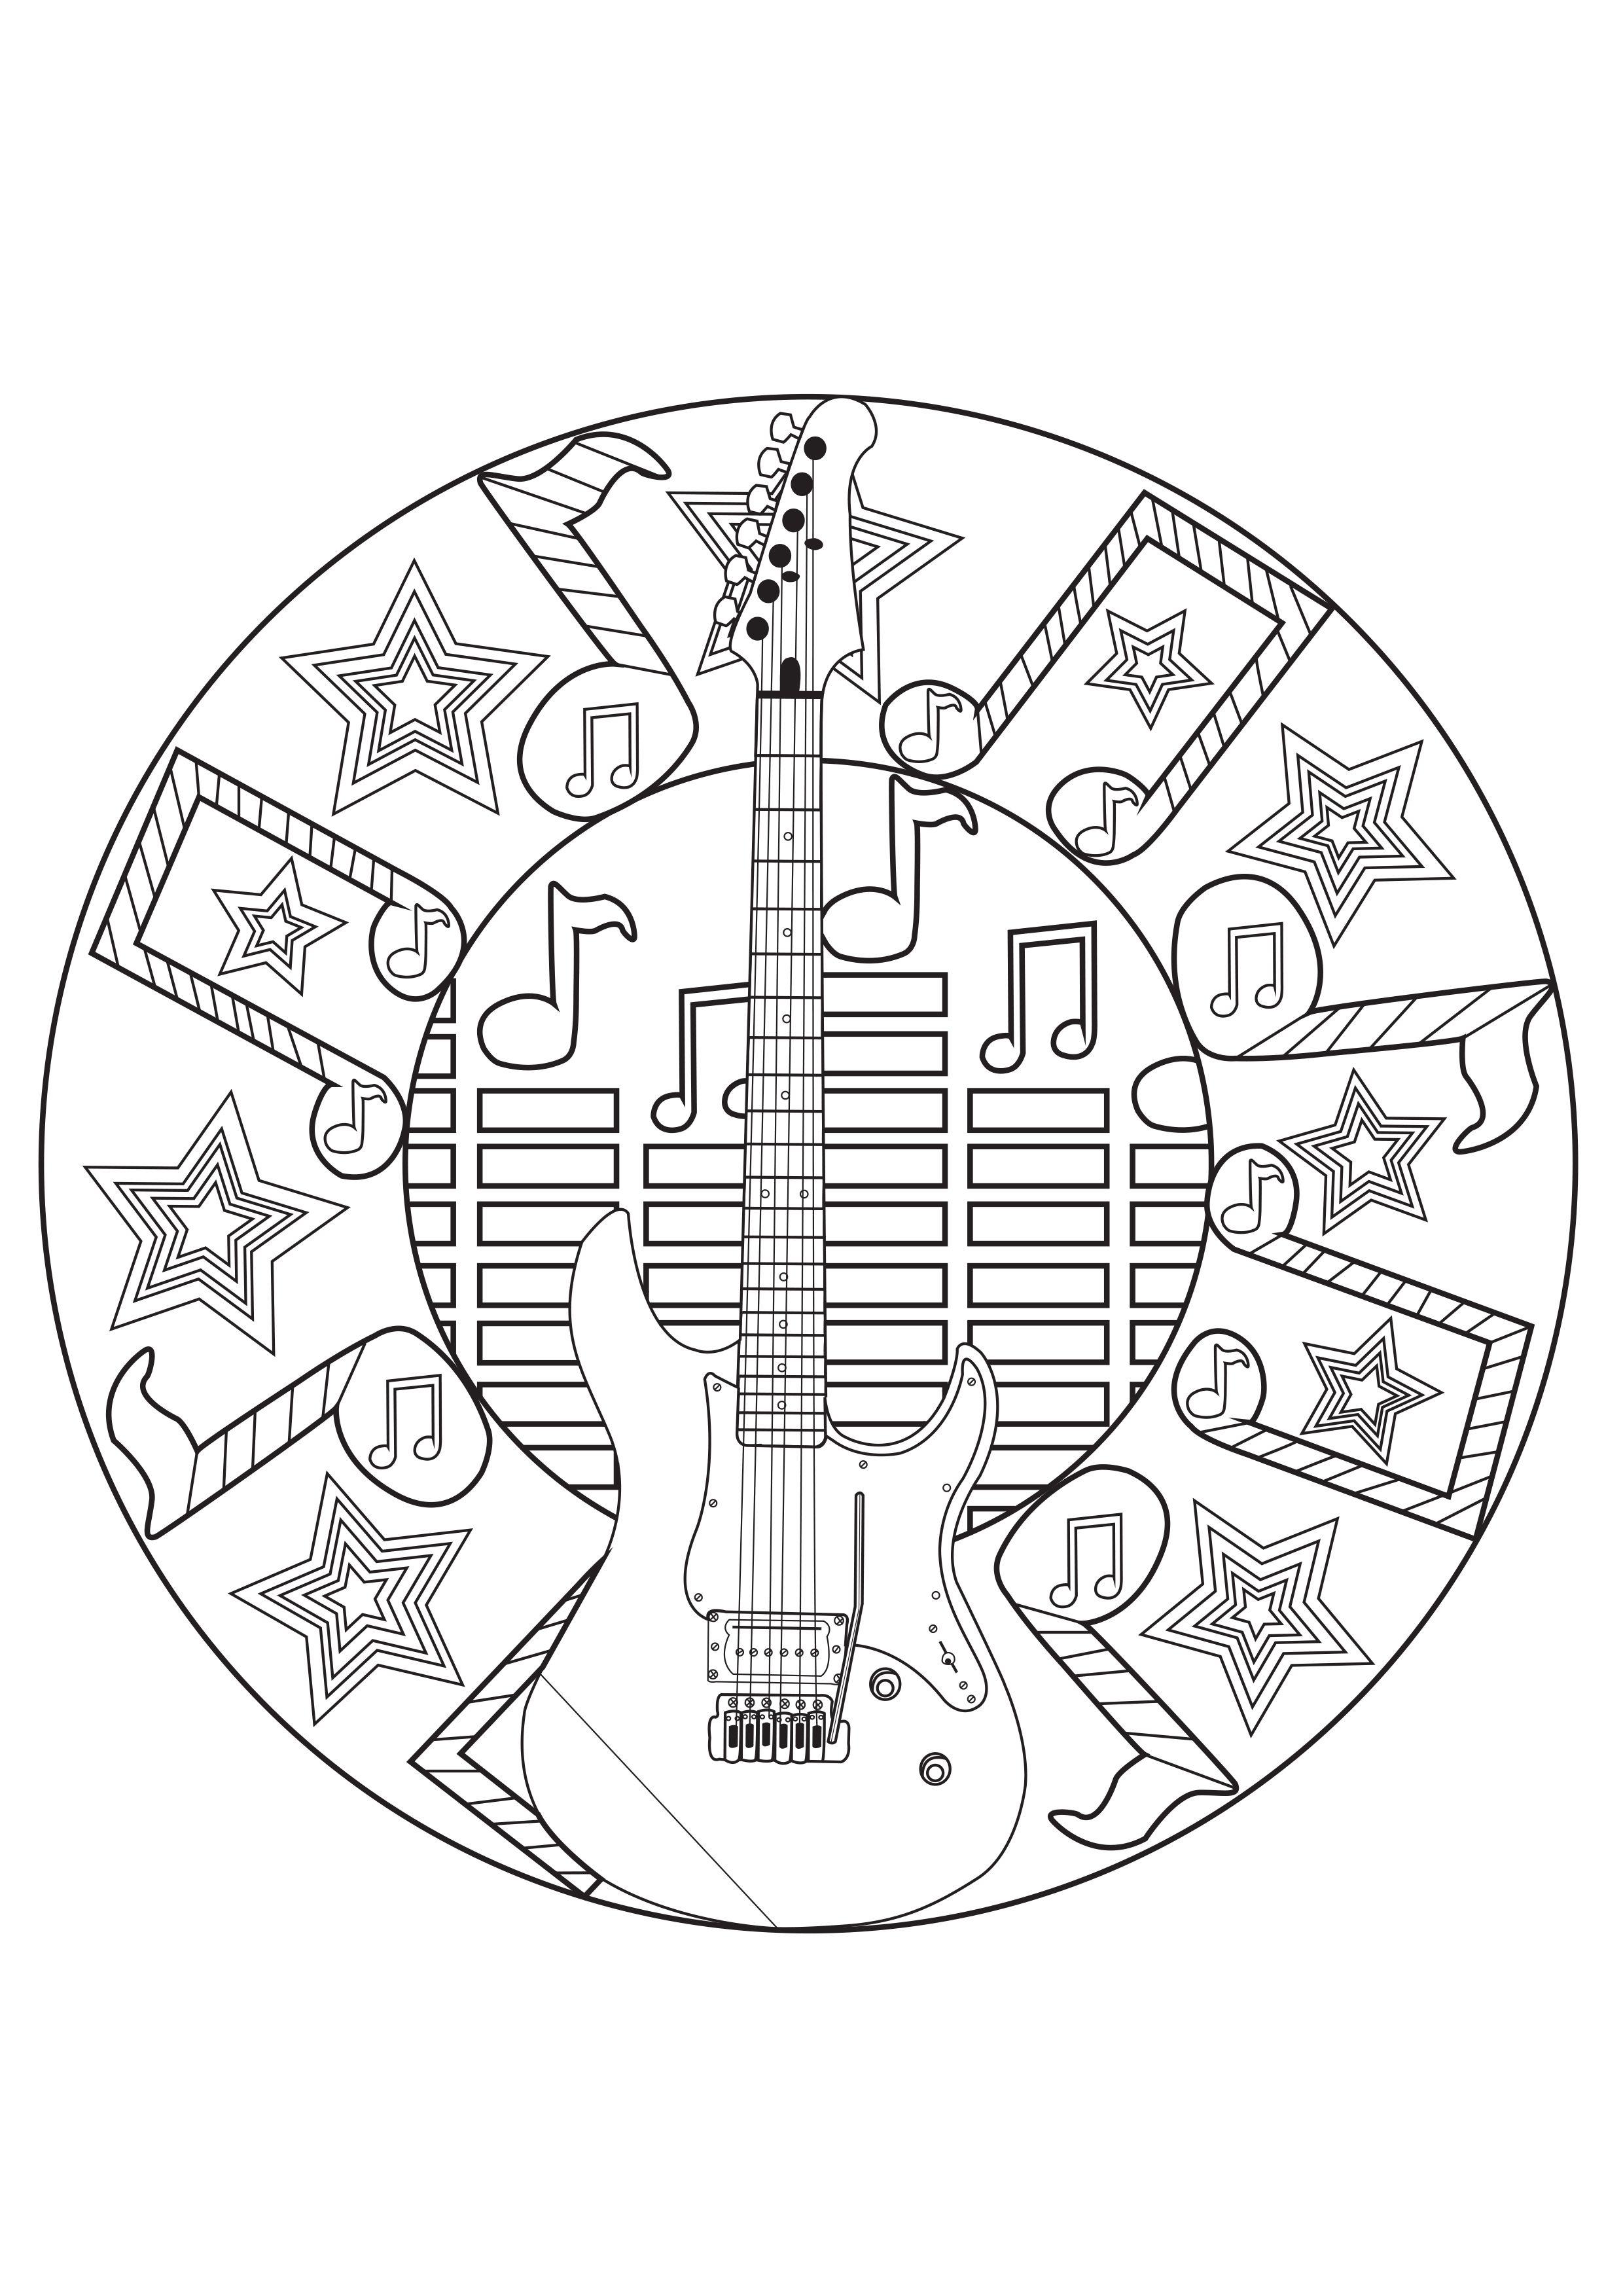 Mandala Musique - Coloriages Mandalas - Just Color - Page avec Coloriage Instrument De Musique